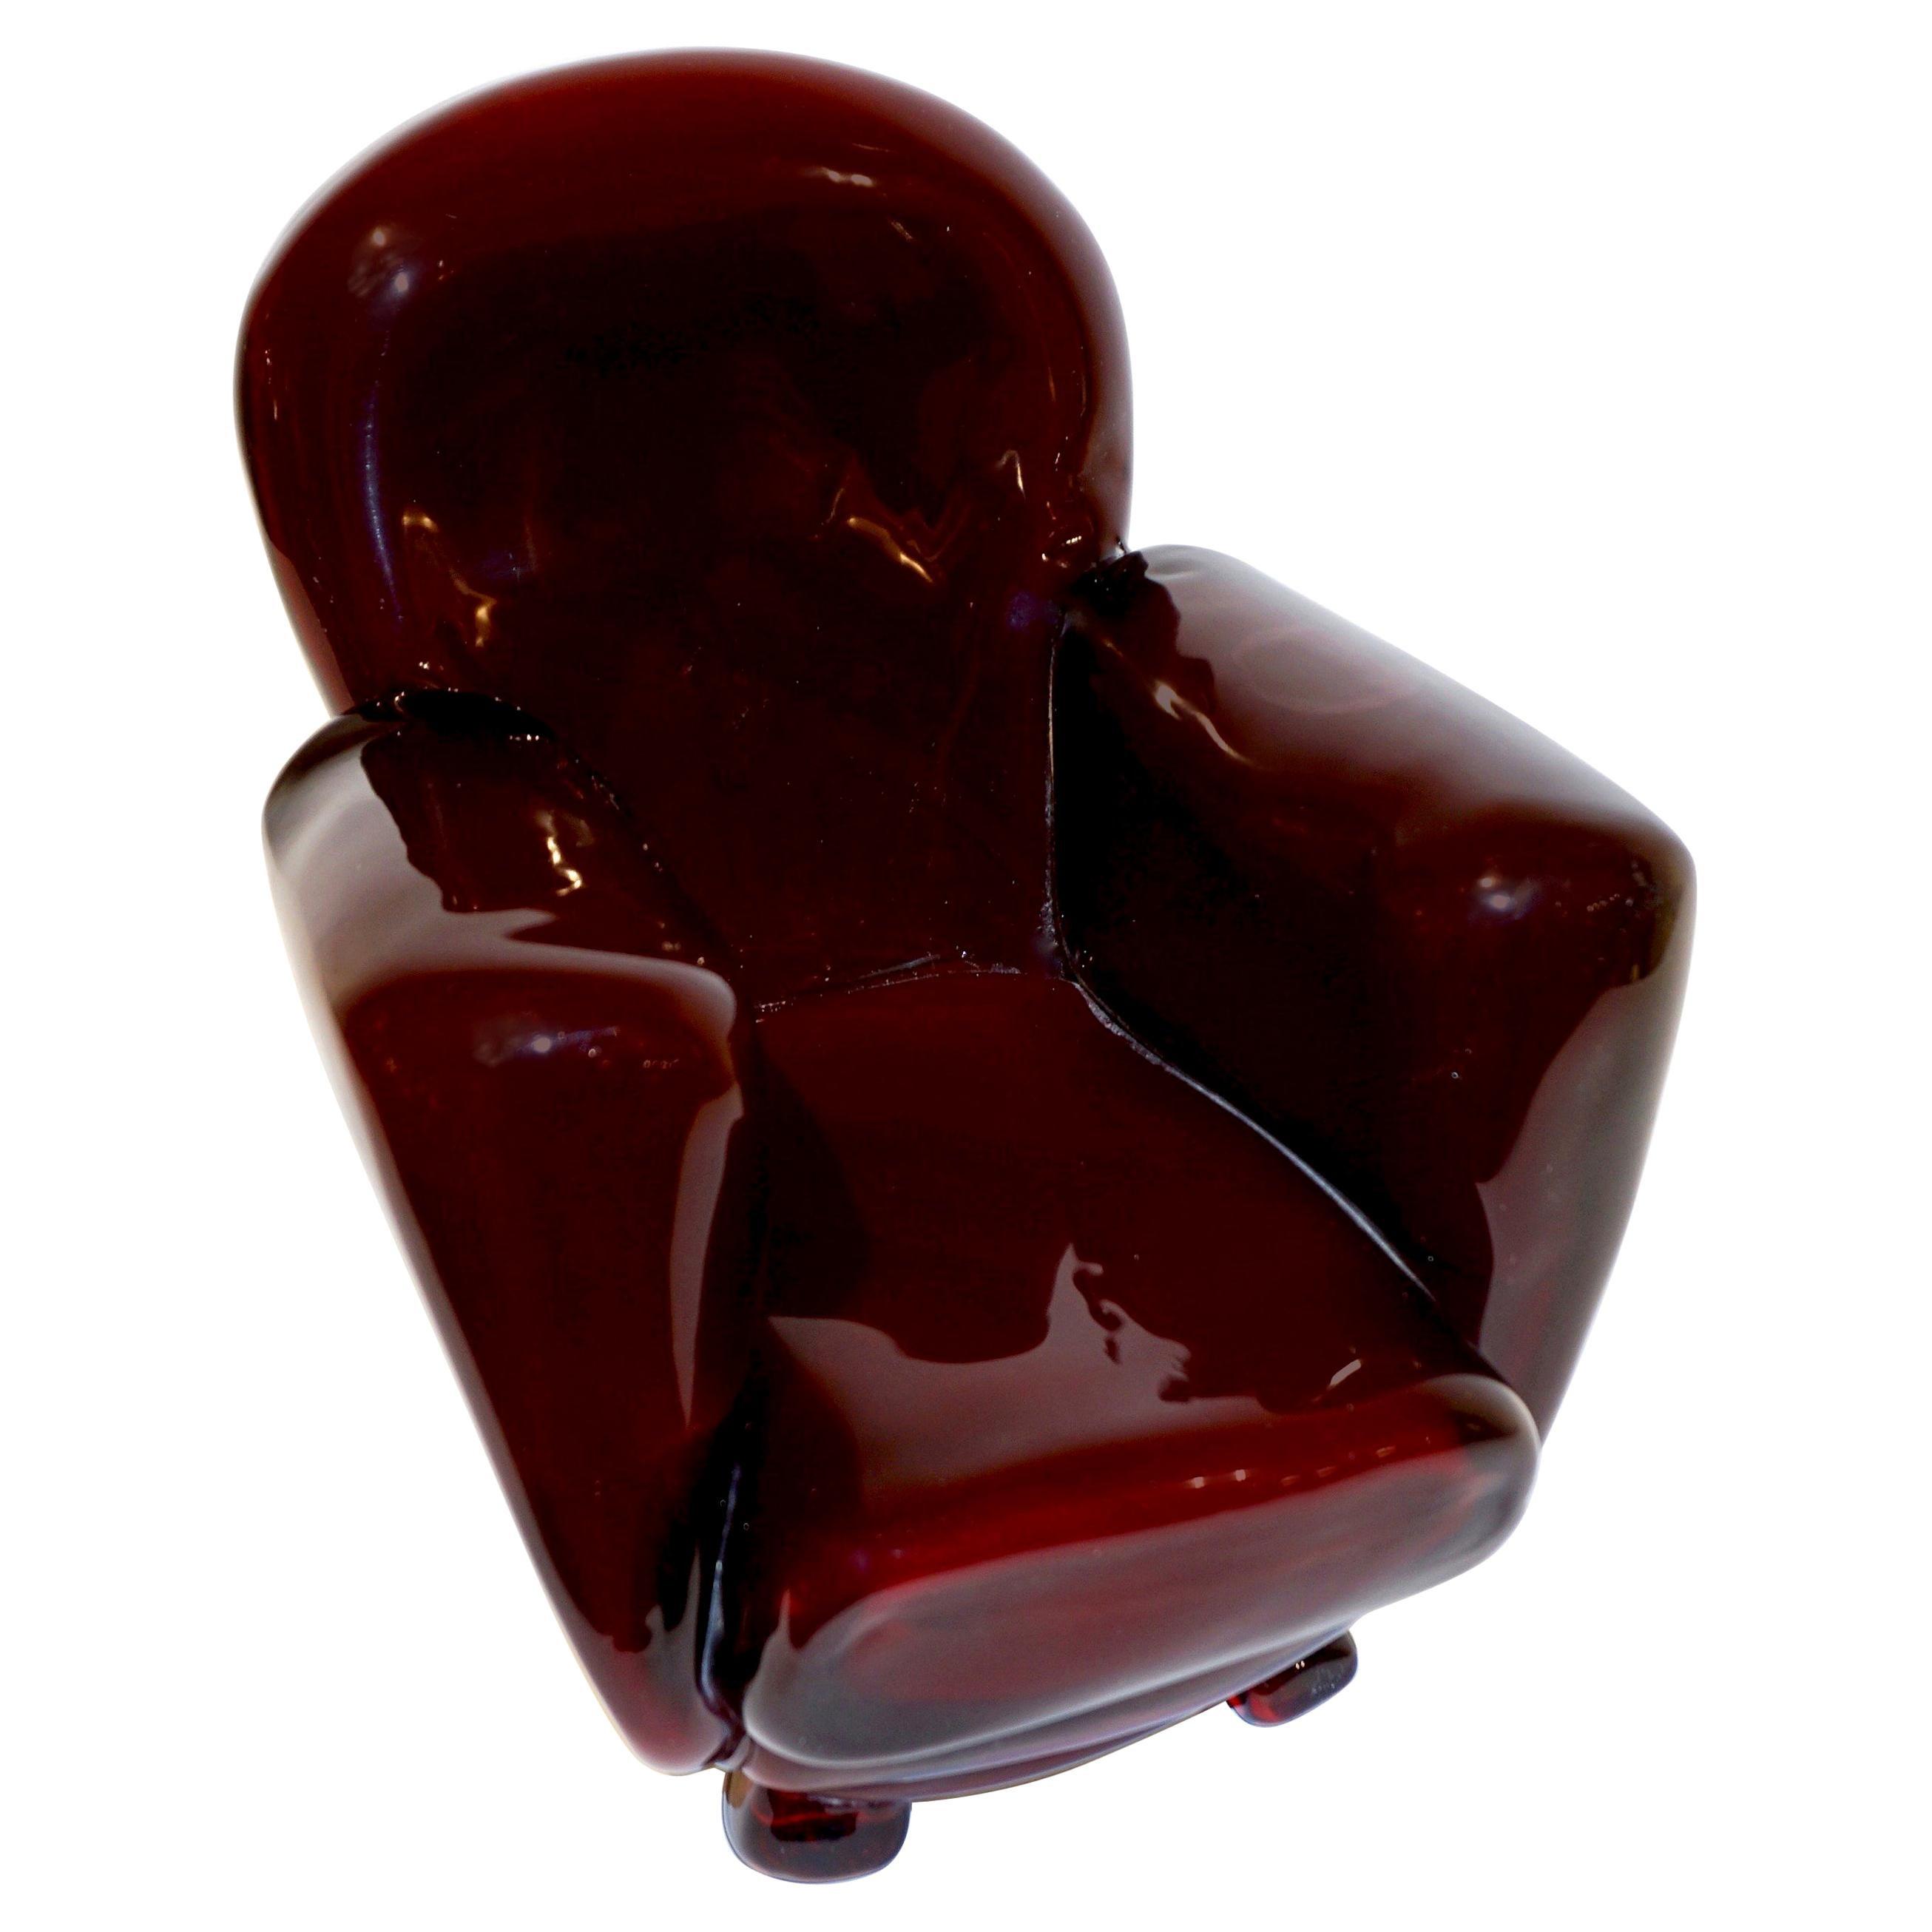 Pino Signoretto 1980s Italian Burgundy Red Murano Glass Miniature Armchair